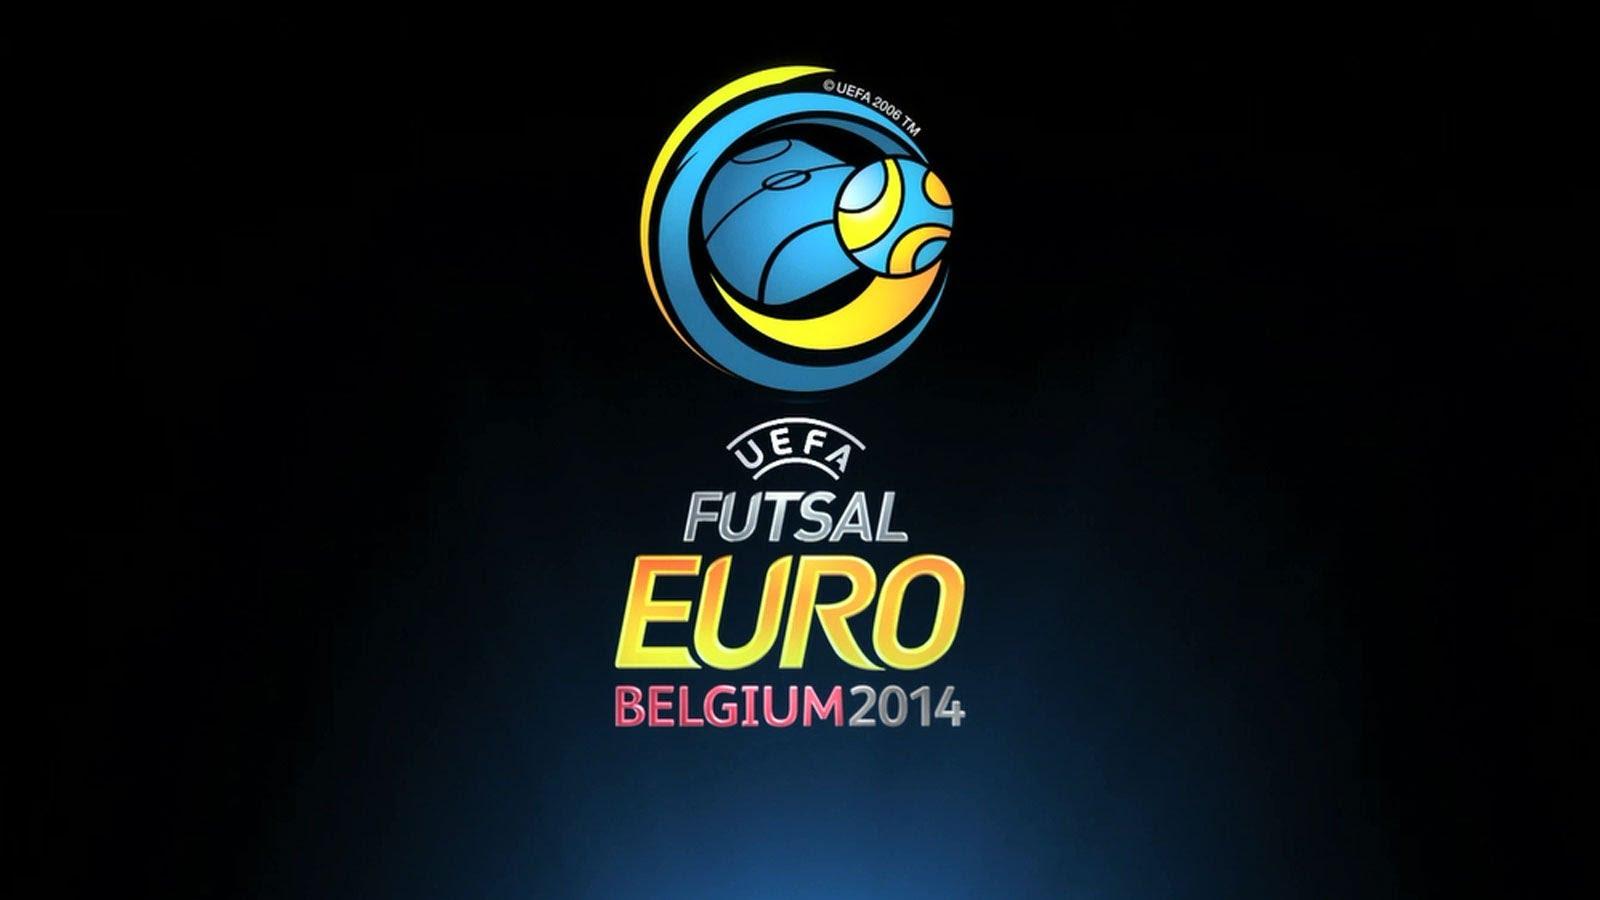 UEFA FUTSAL EURO – u četvrtak i subotu završnica prvenstva